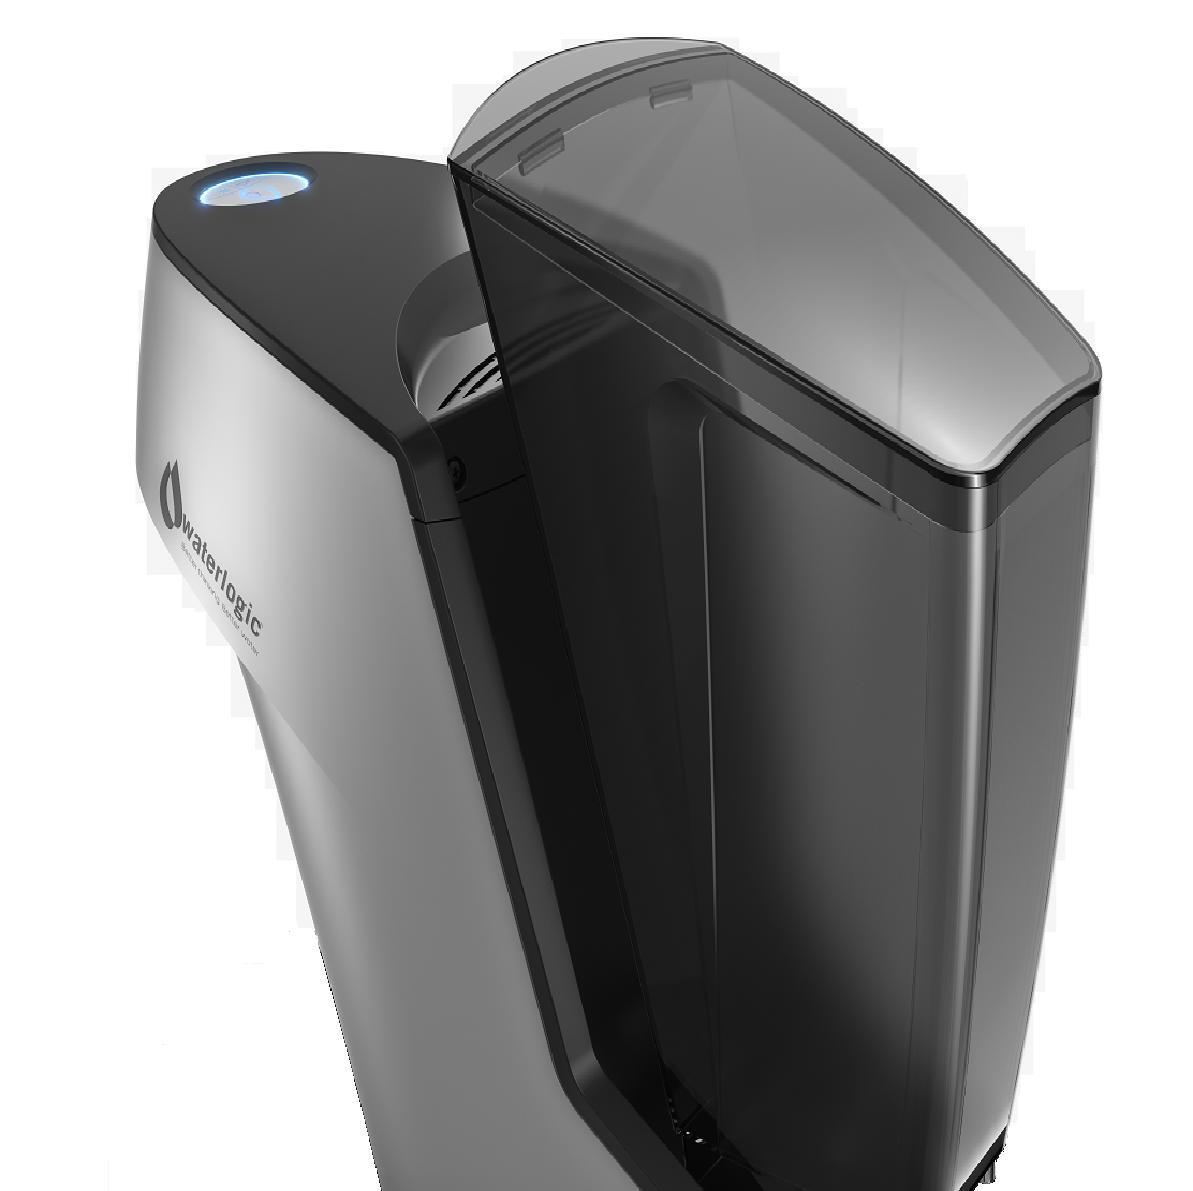 Le purificateur d'eau Hybrid de Waterlogic - un système à filtration au charbon actif et rayonnement UV